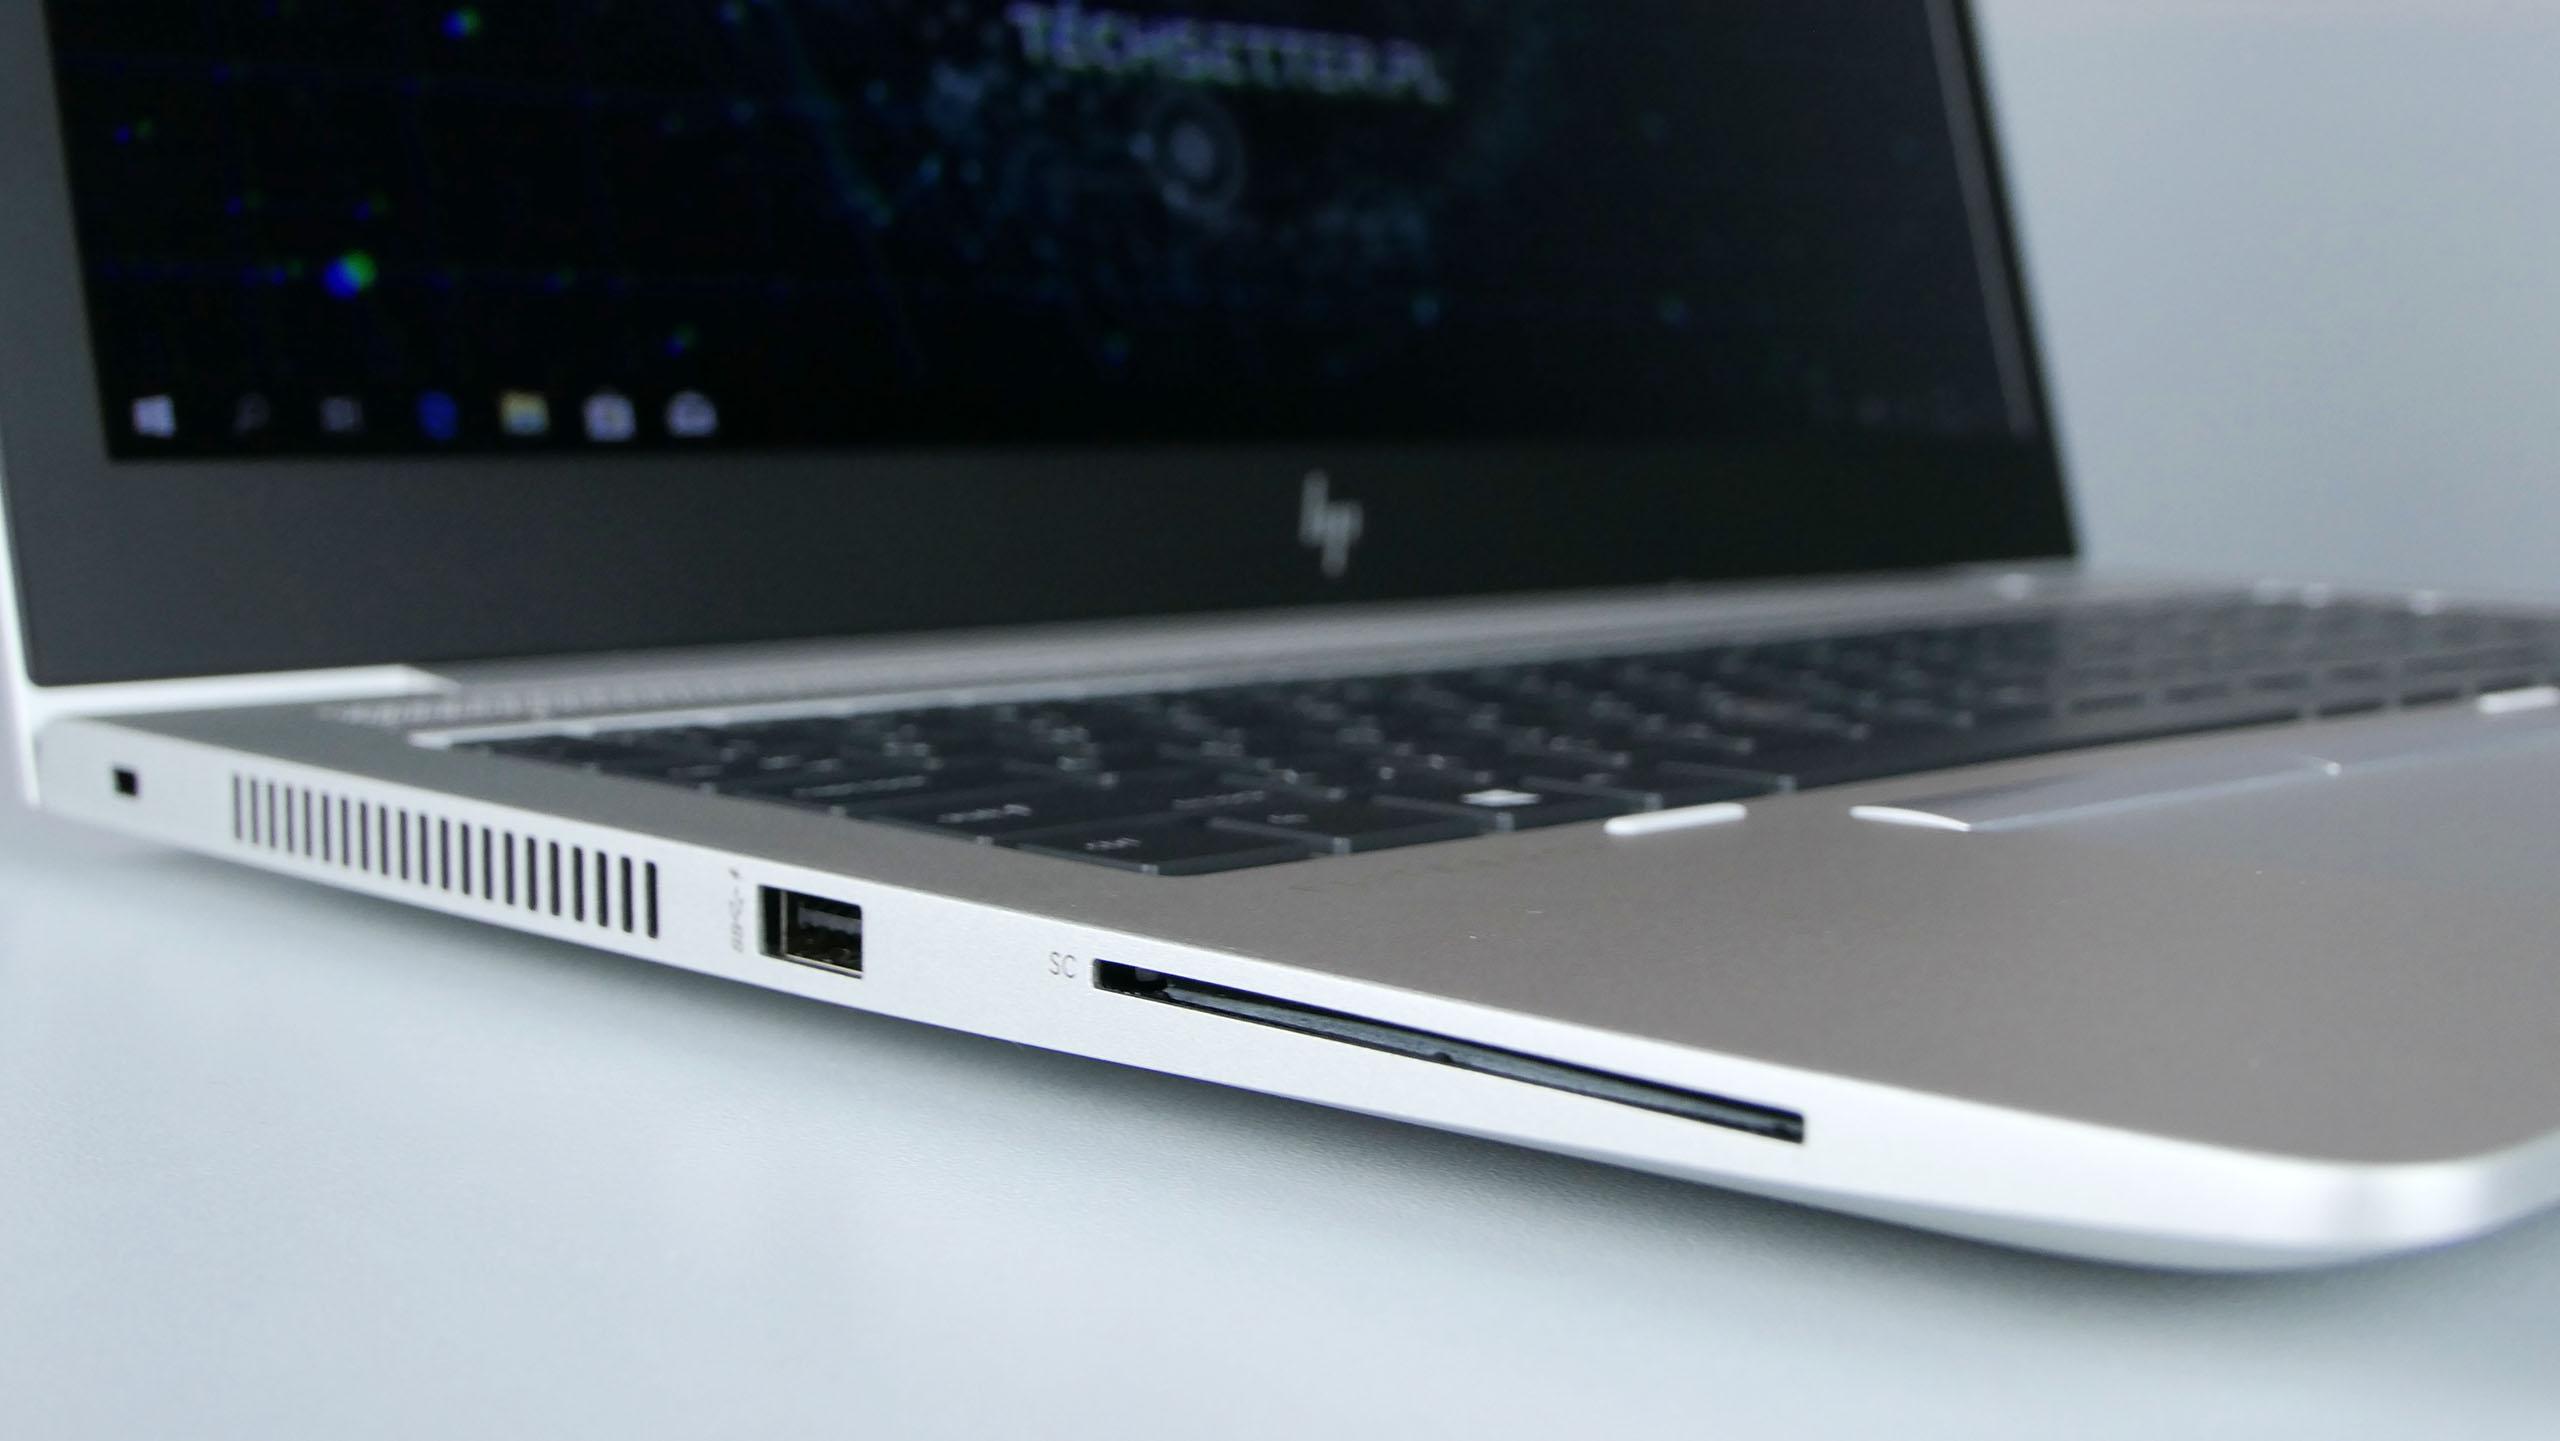 HP EliteBook 850 G6 - jeden port USB 3.0 orazczytnik Smart Card umieszczono zlewej strony